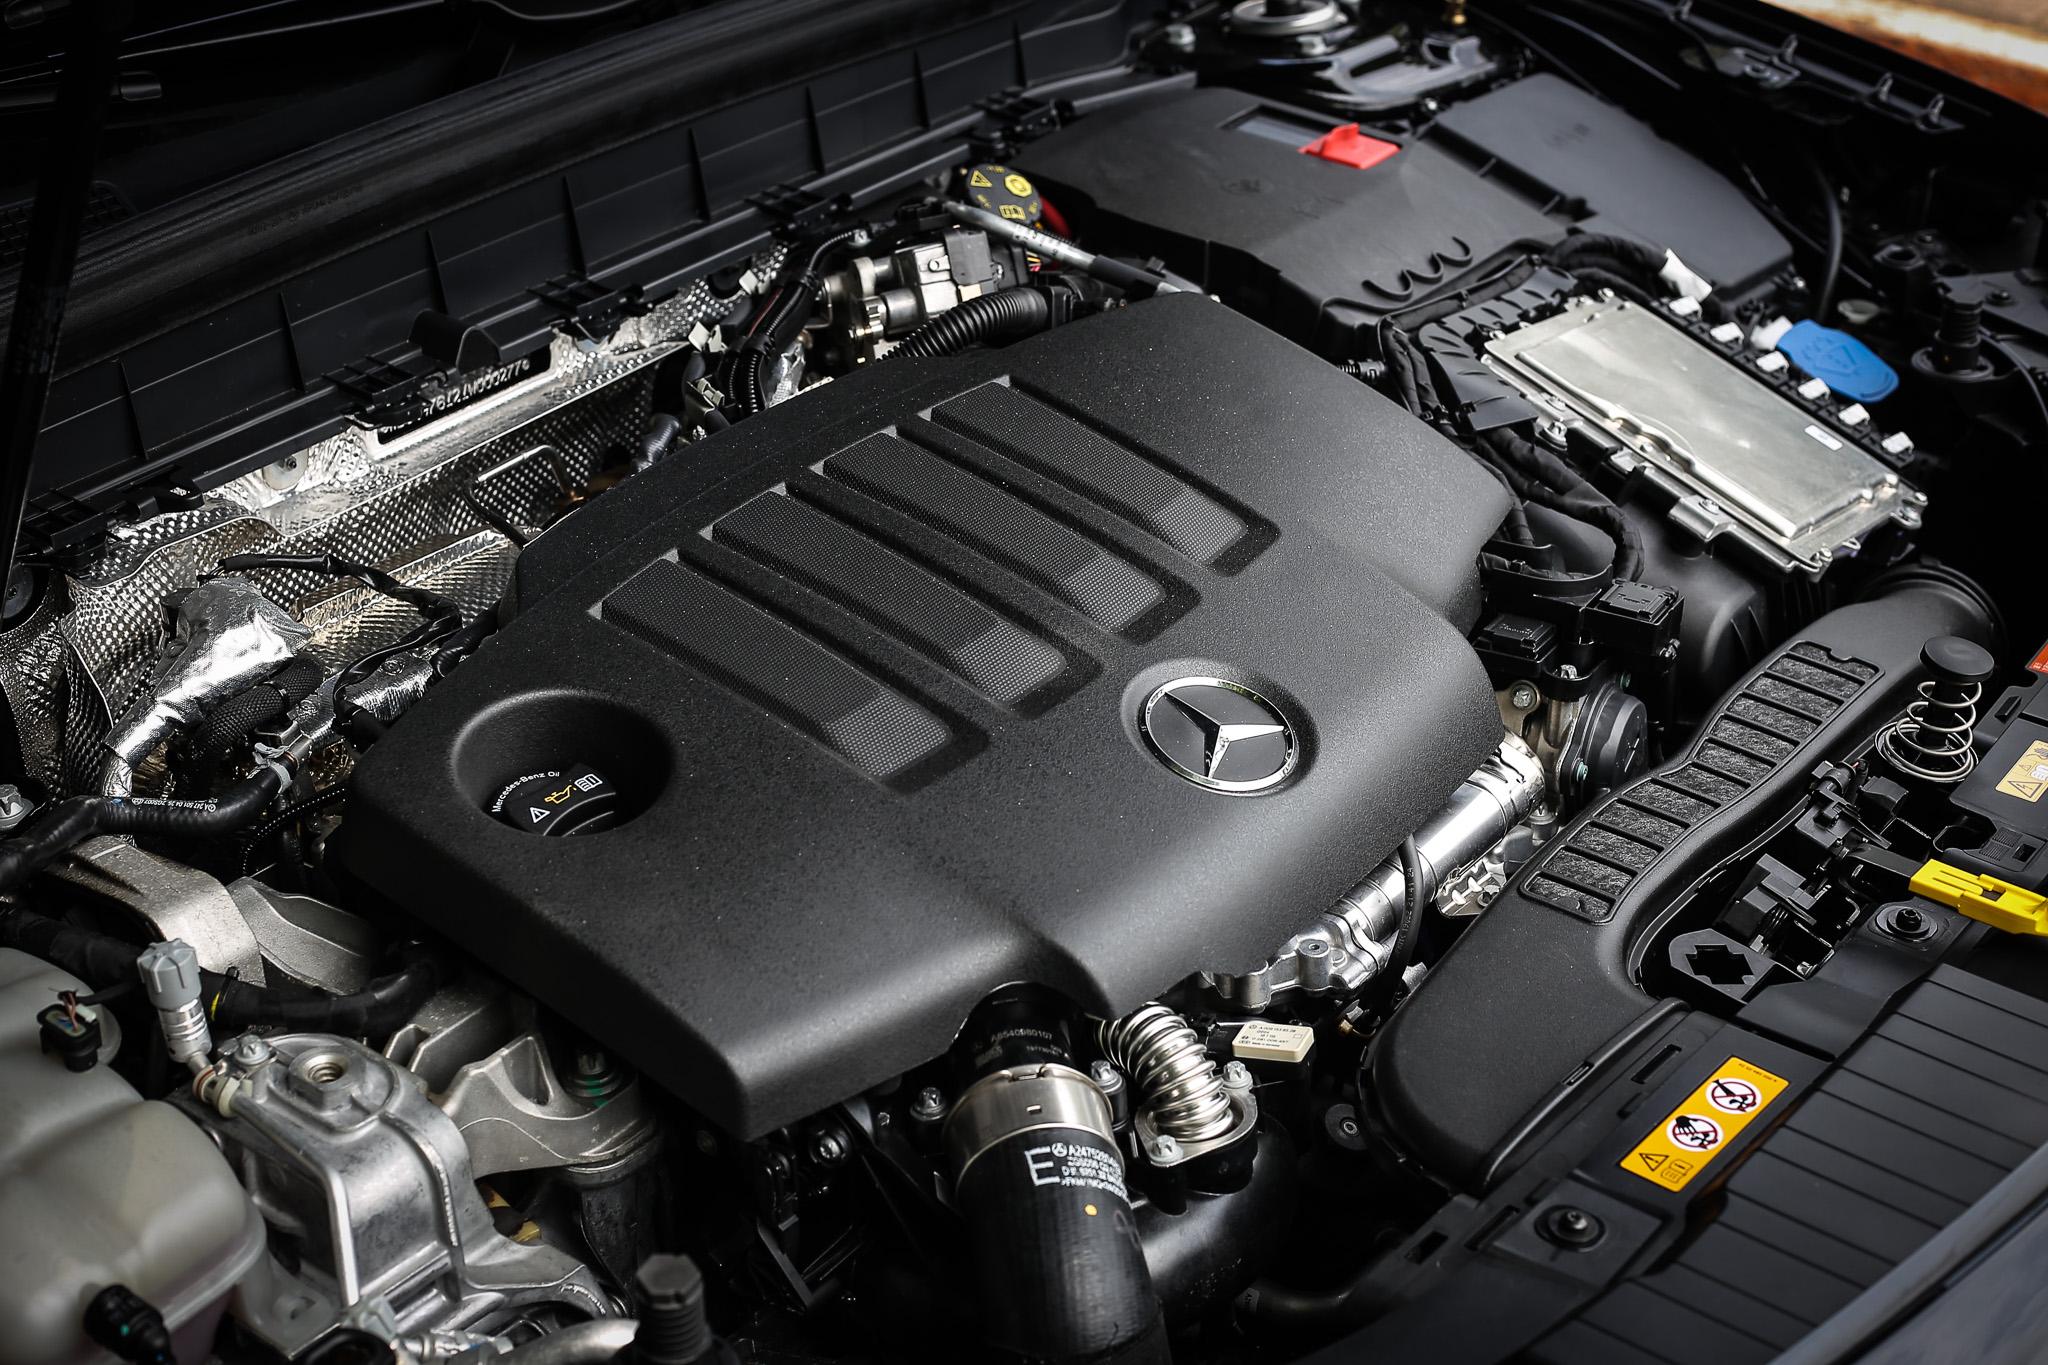 搭載 2.0 升柴油引擎,具備 150hp/3400-4400rpm 最大馬力與 320Nm/1400-3200rpm 最大扭力。